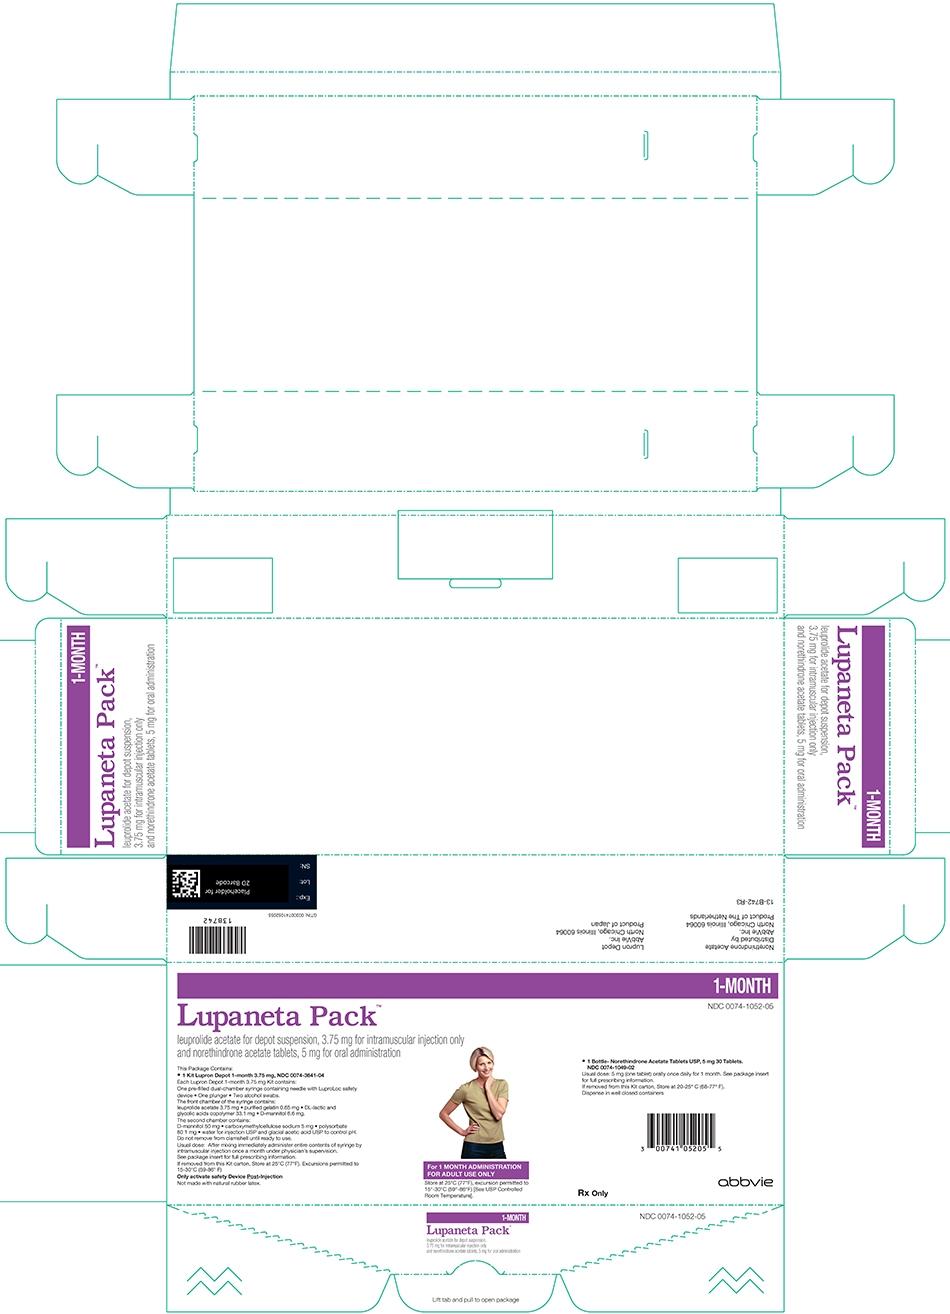 lupaneta 3.75mg 1 month kit